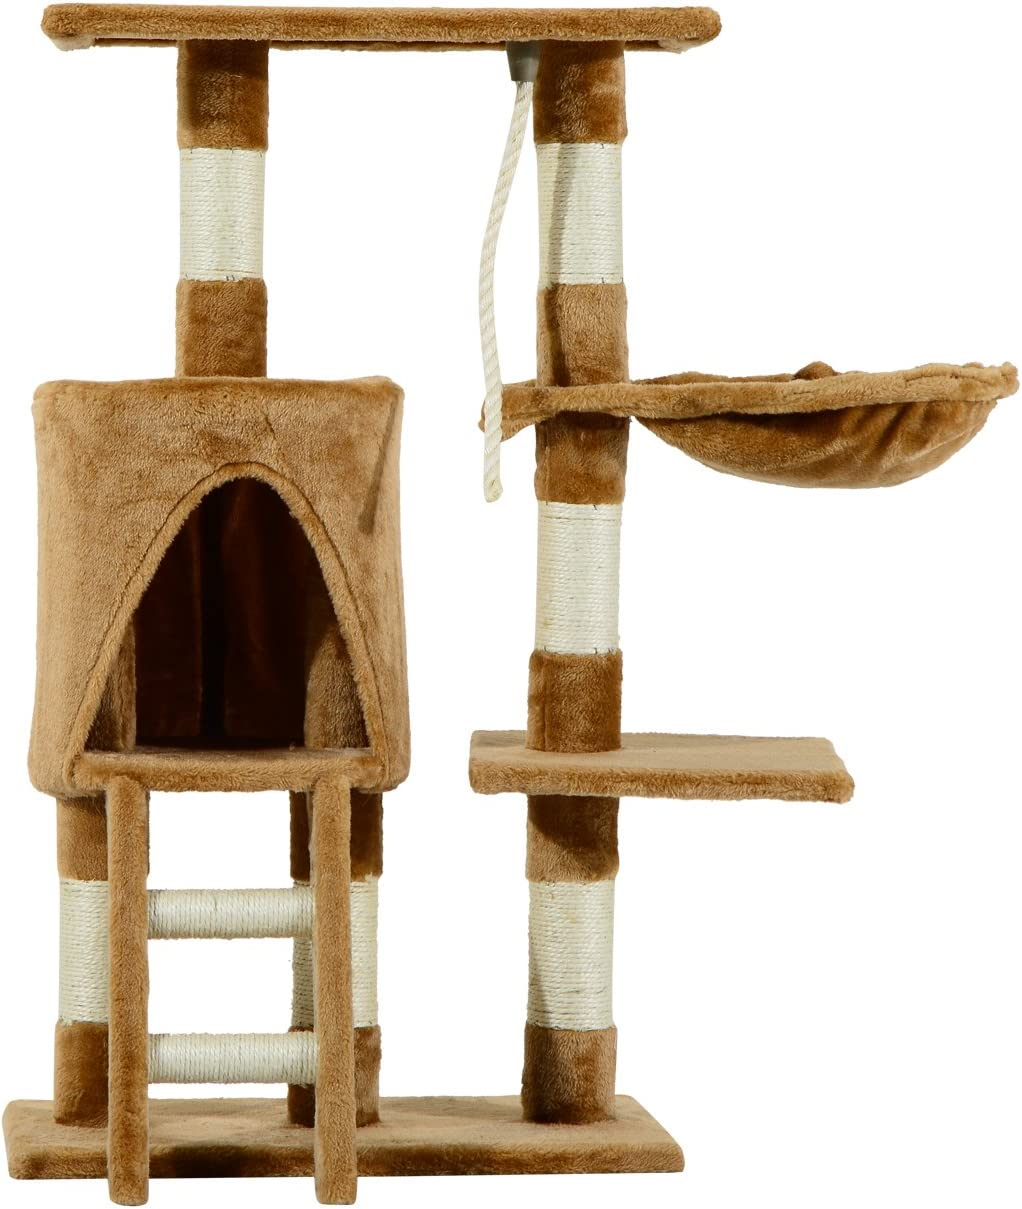 Pawhut Árbol para Gatos Rascador con Nido Plataforma Caseta Escalera Cuerda de Juego 30x55x96cm Tablero de Madera y Cubierto de Felpa Marrón